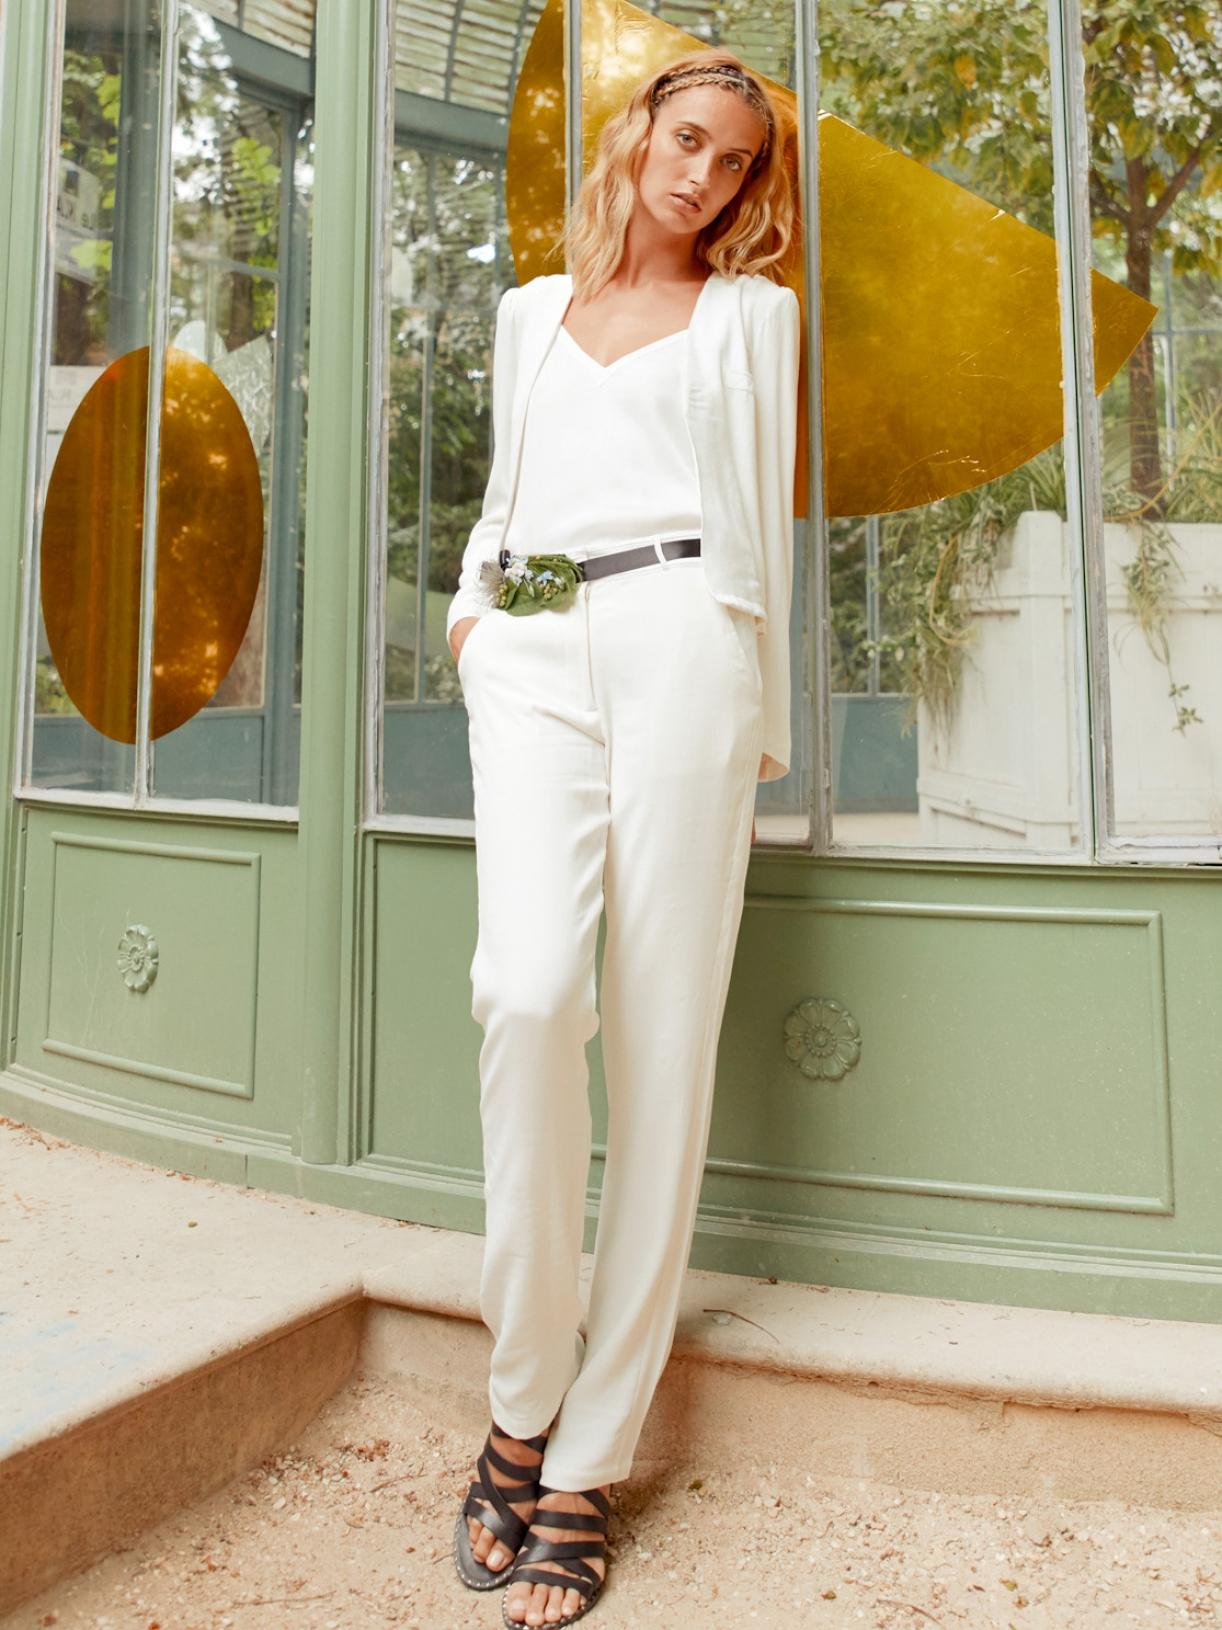 Lulomoon Tailleur De Mariée Femme Blanc Robe De Mariée